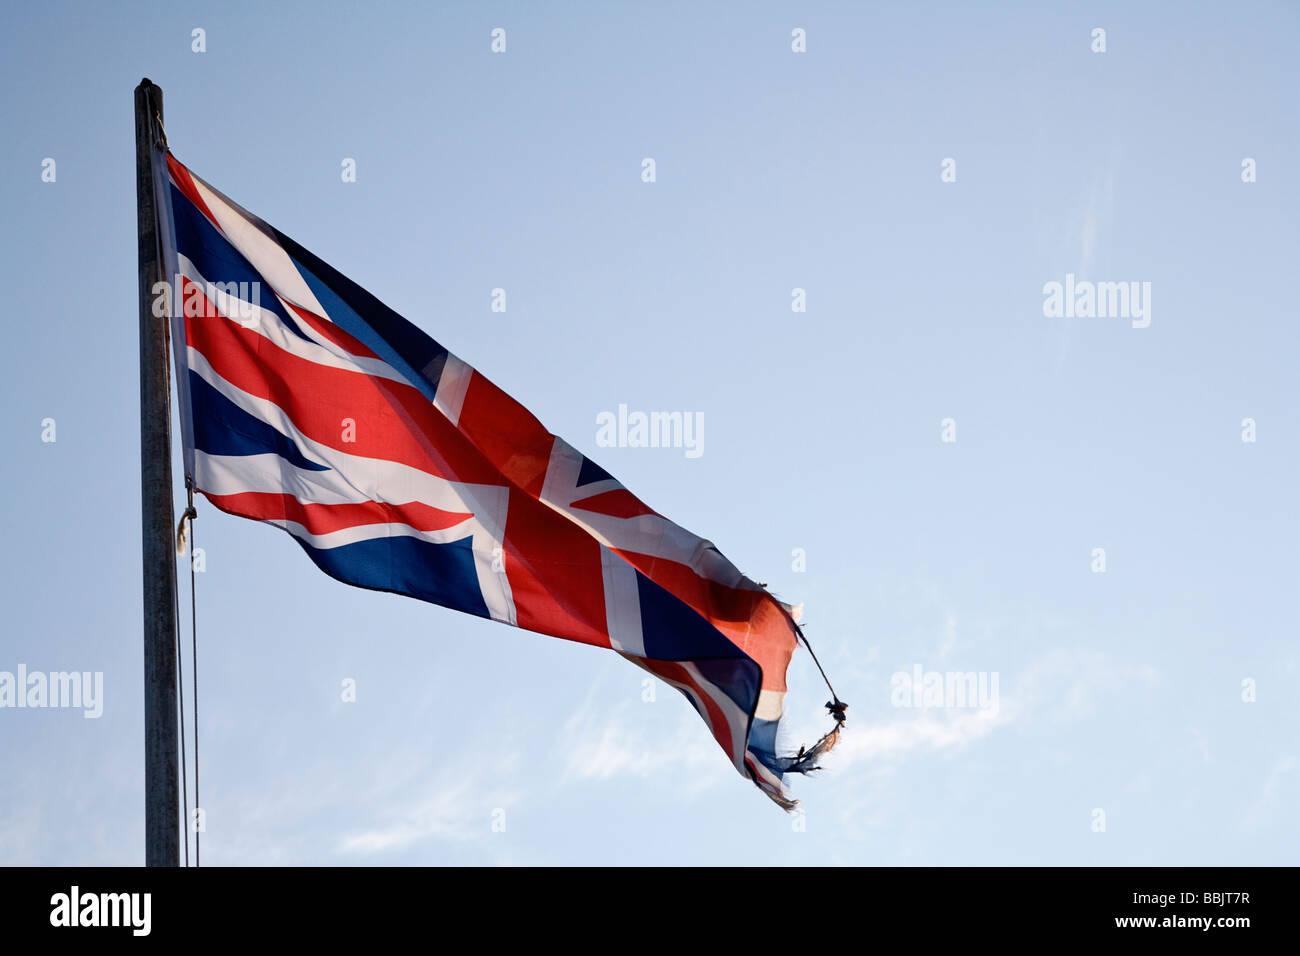 Union Flag - Stock Image